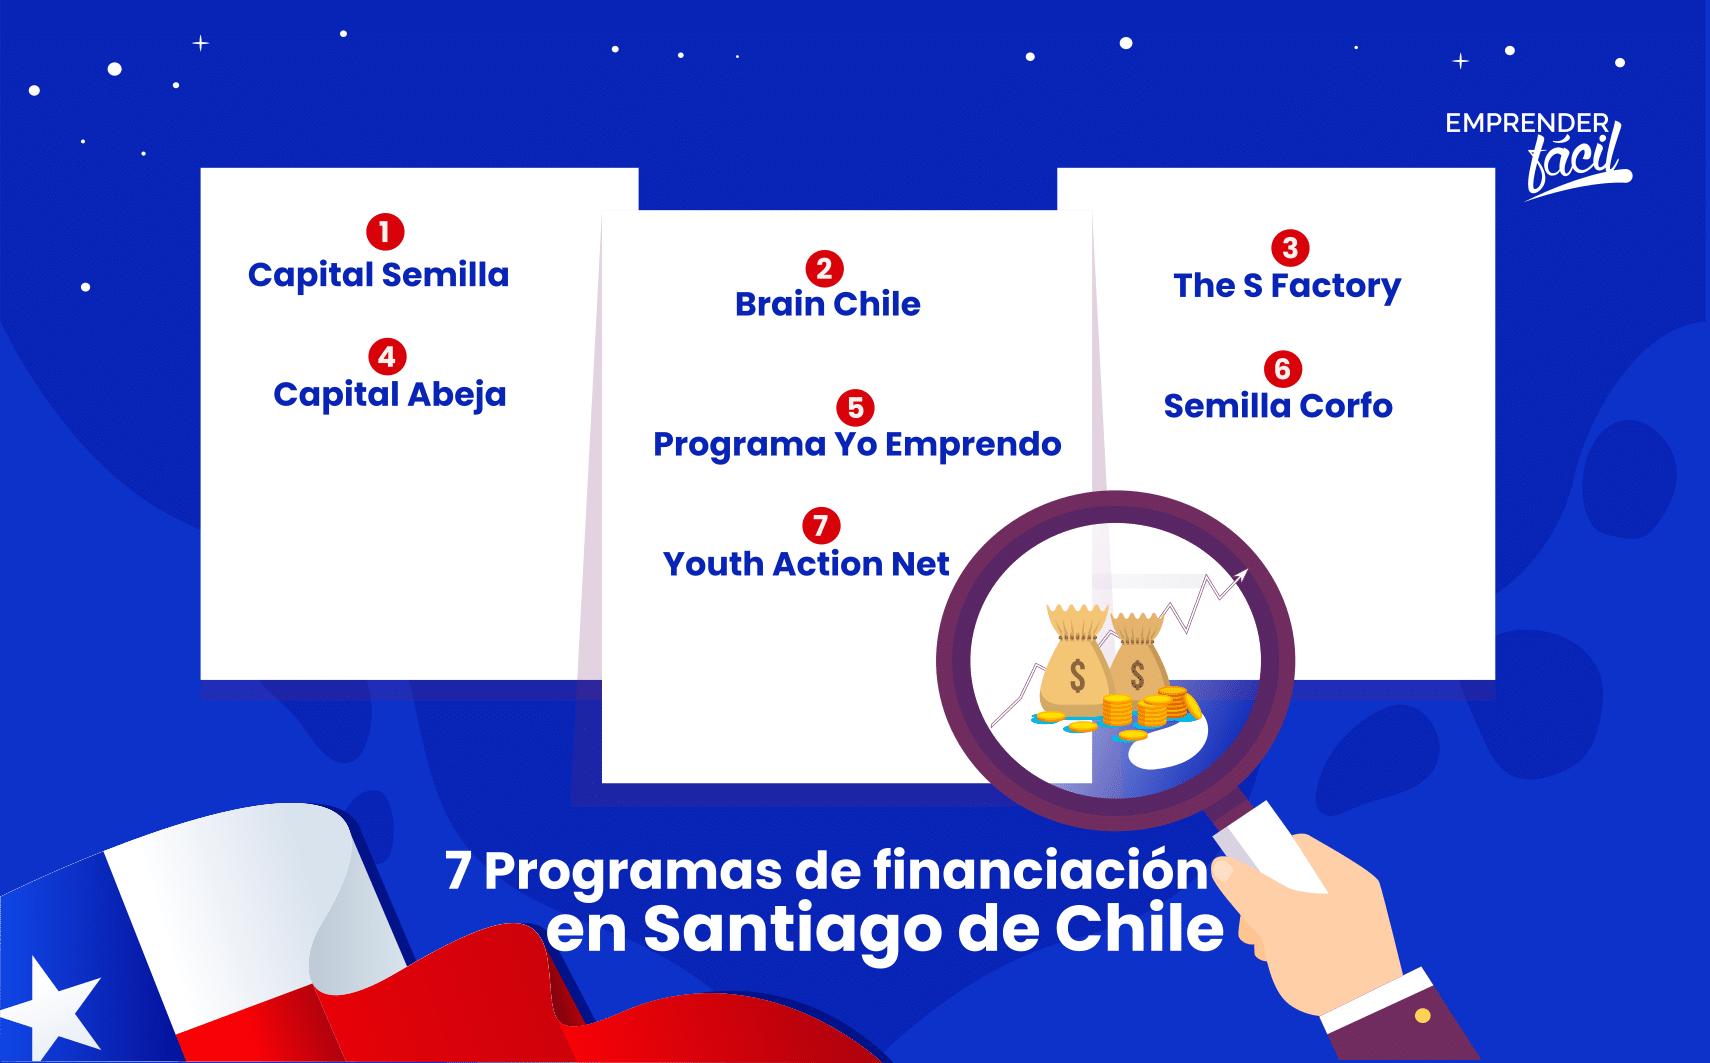 Asesoría y capital para los emprendedores en Santiago de Chile